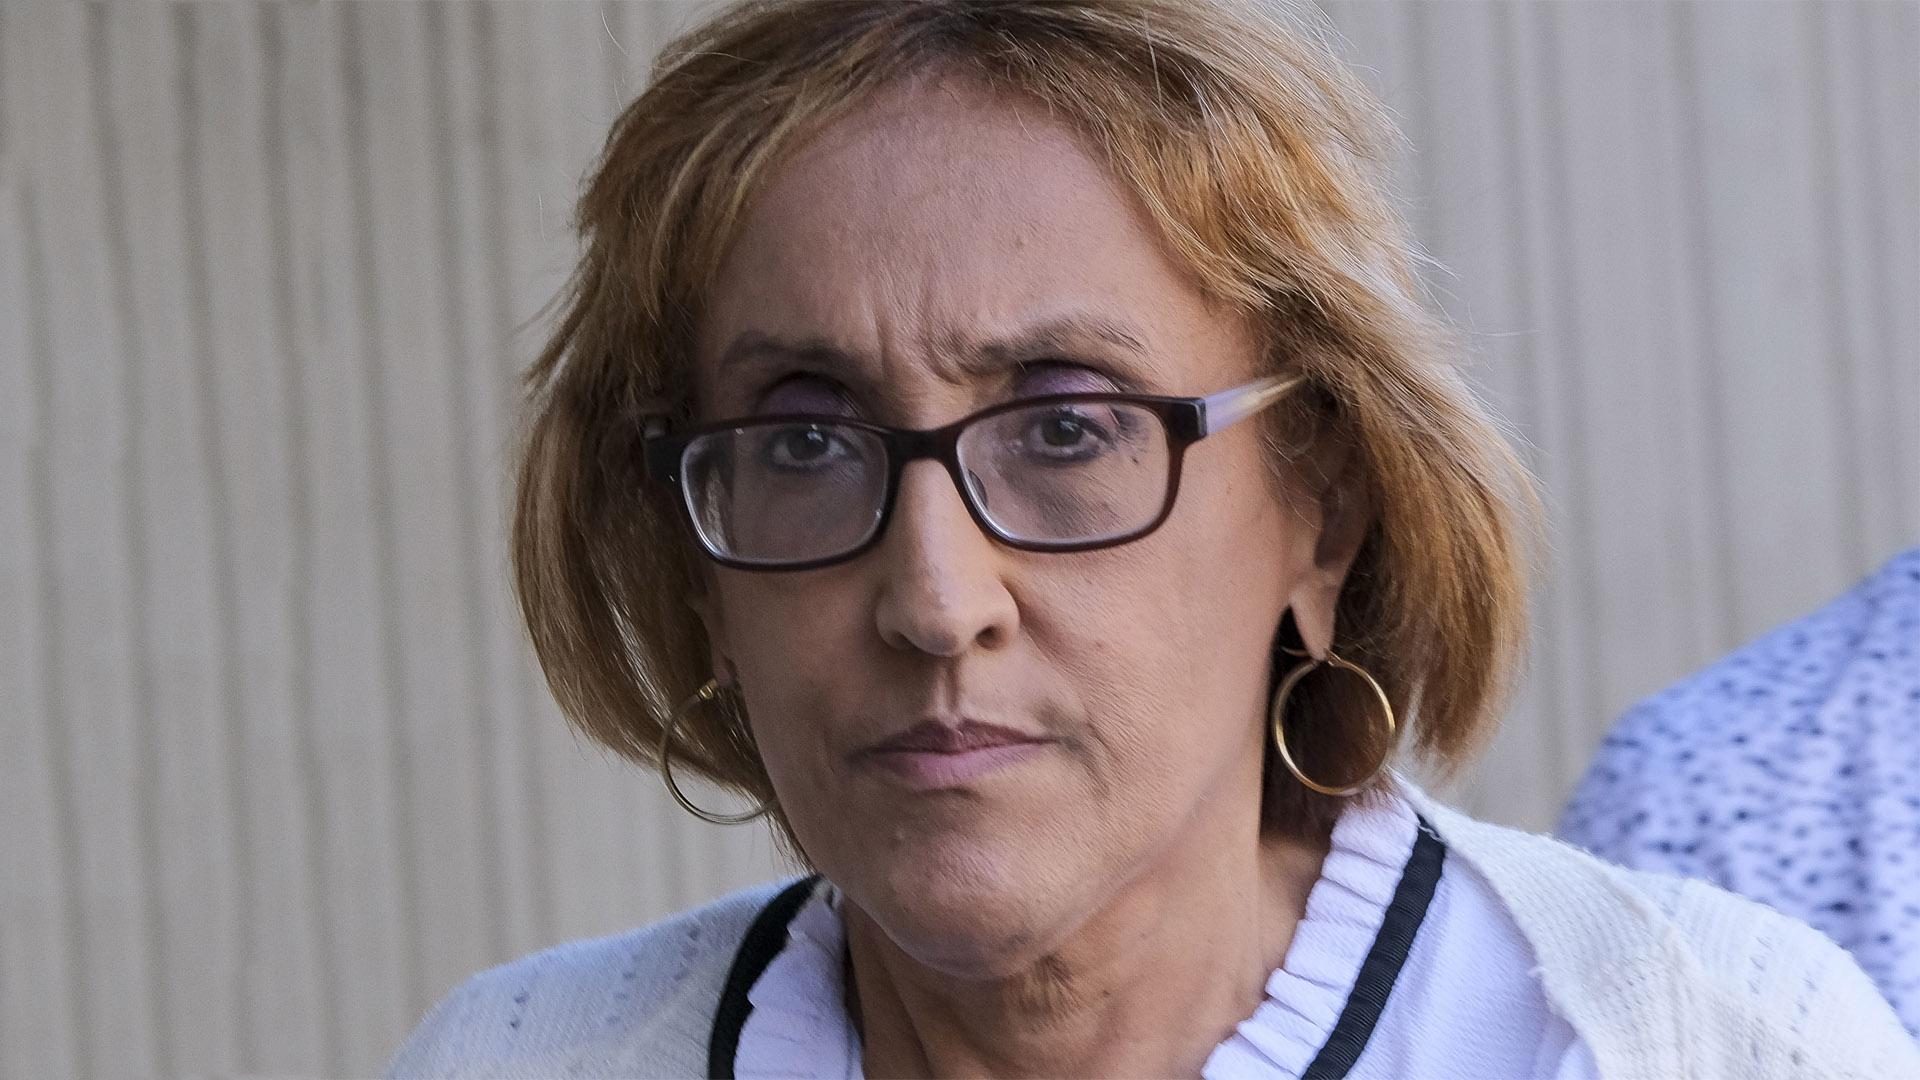 """La exjefa de Adsef al salir del tribunal: """"No puedo emitir comentarios"""""""